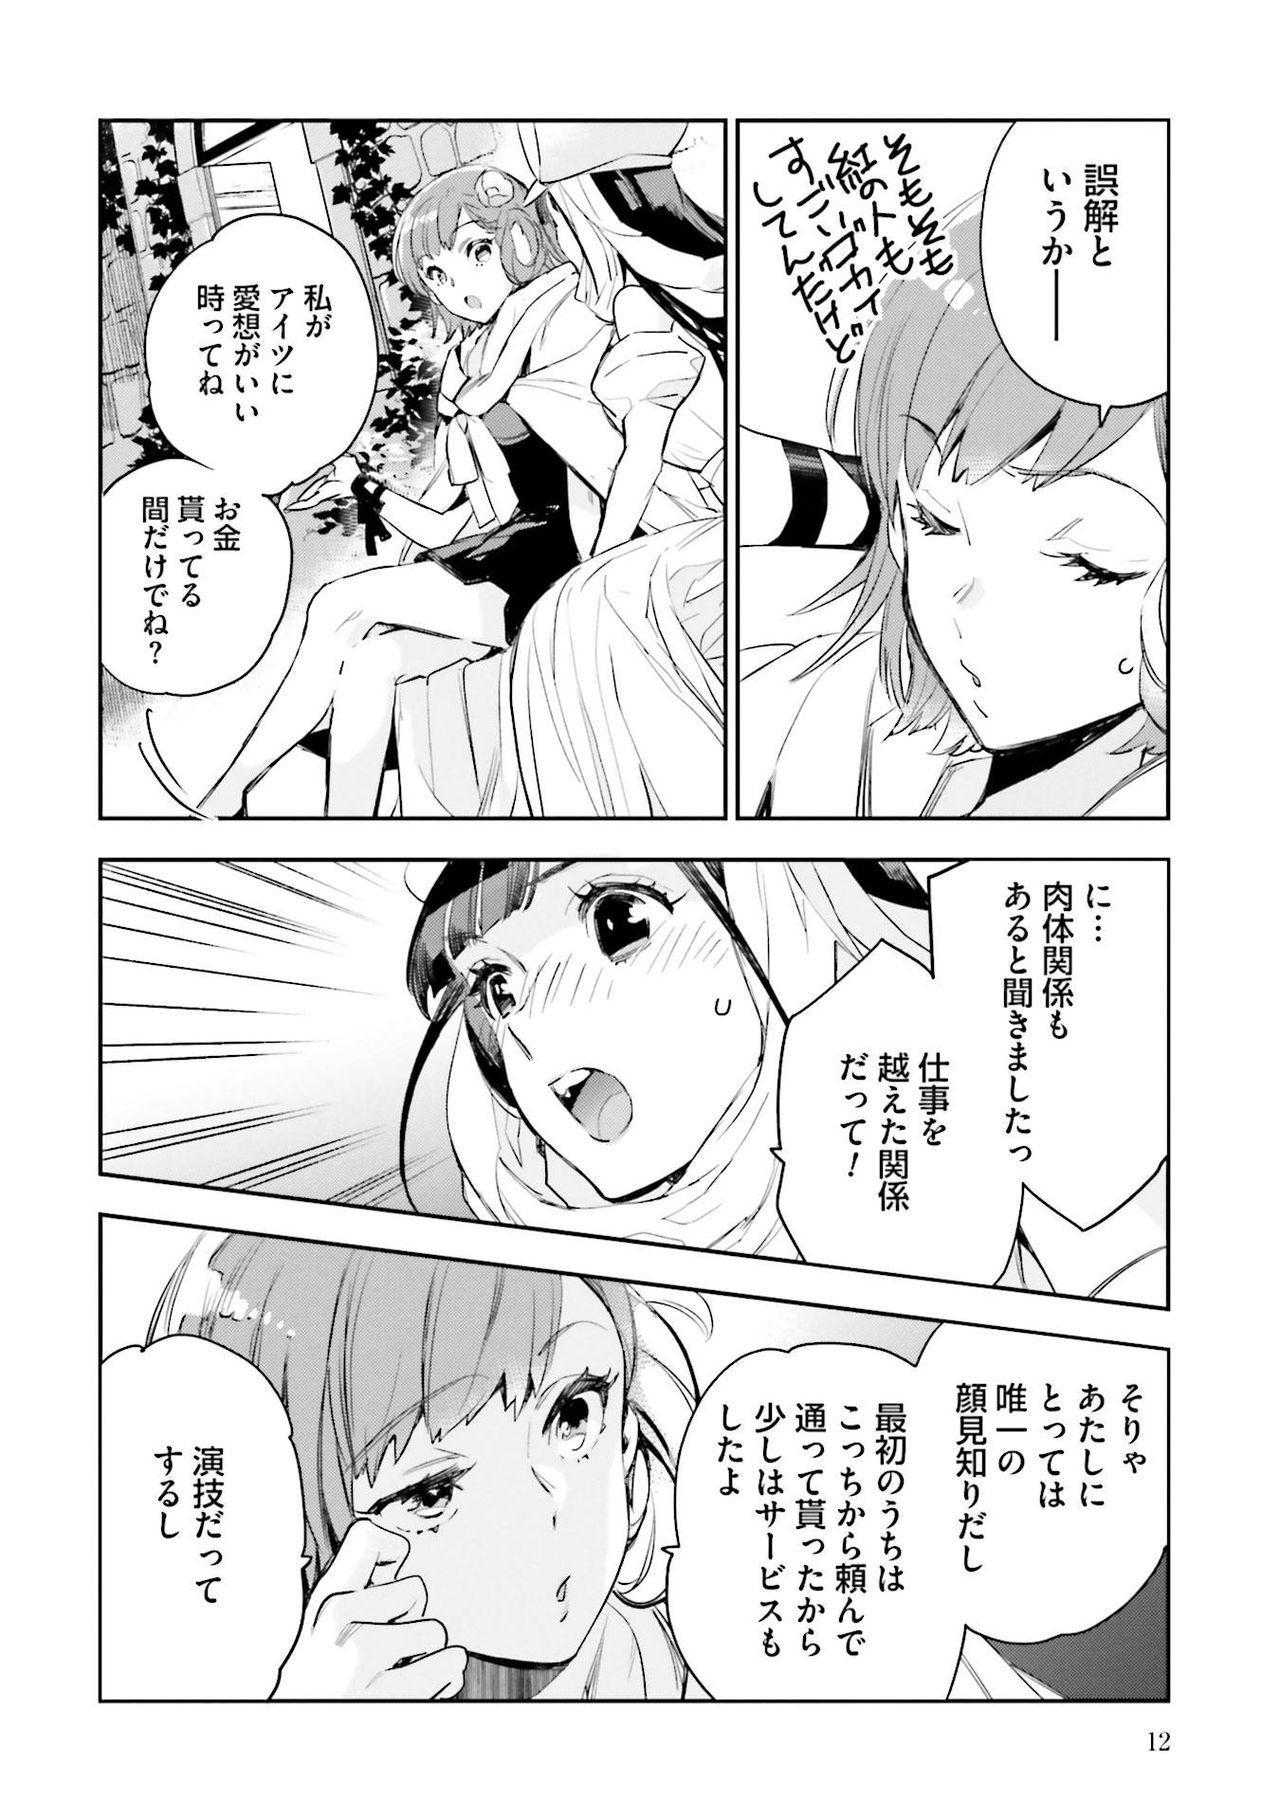 JK Haru wa Isekai de Shoufu ni Natta 1-14 200